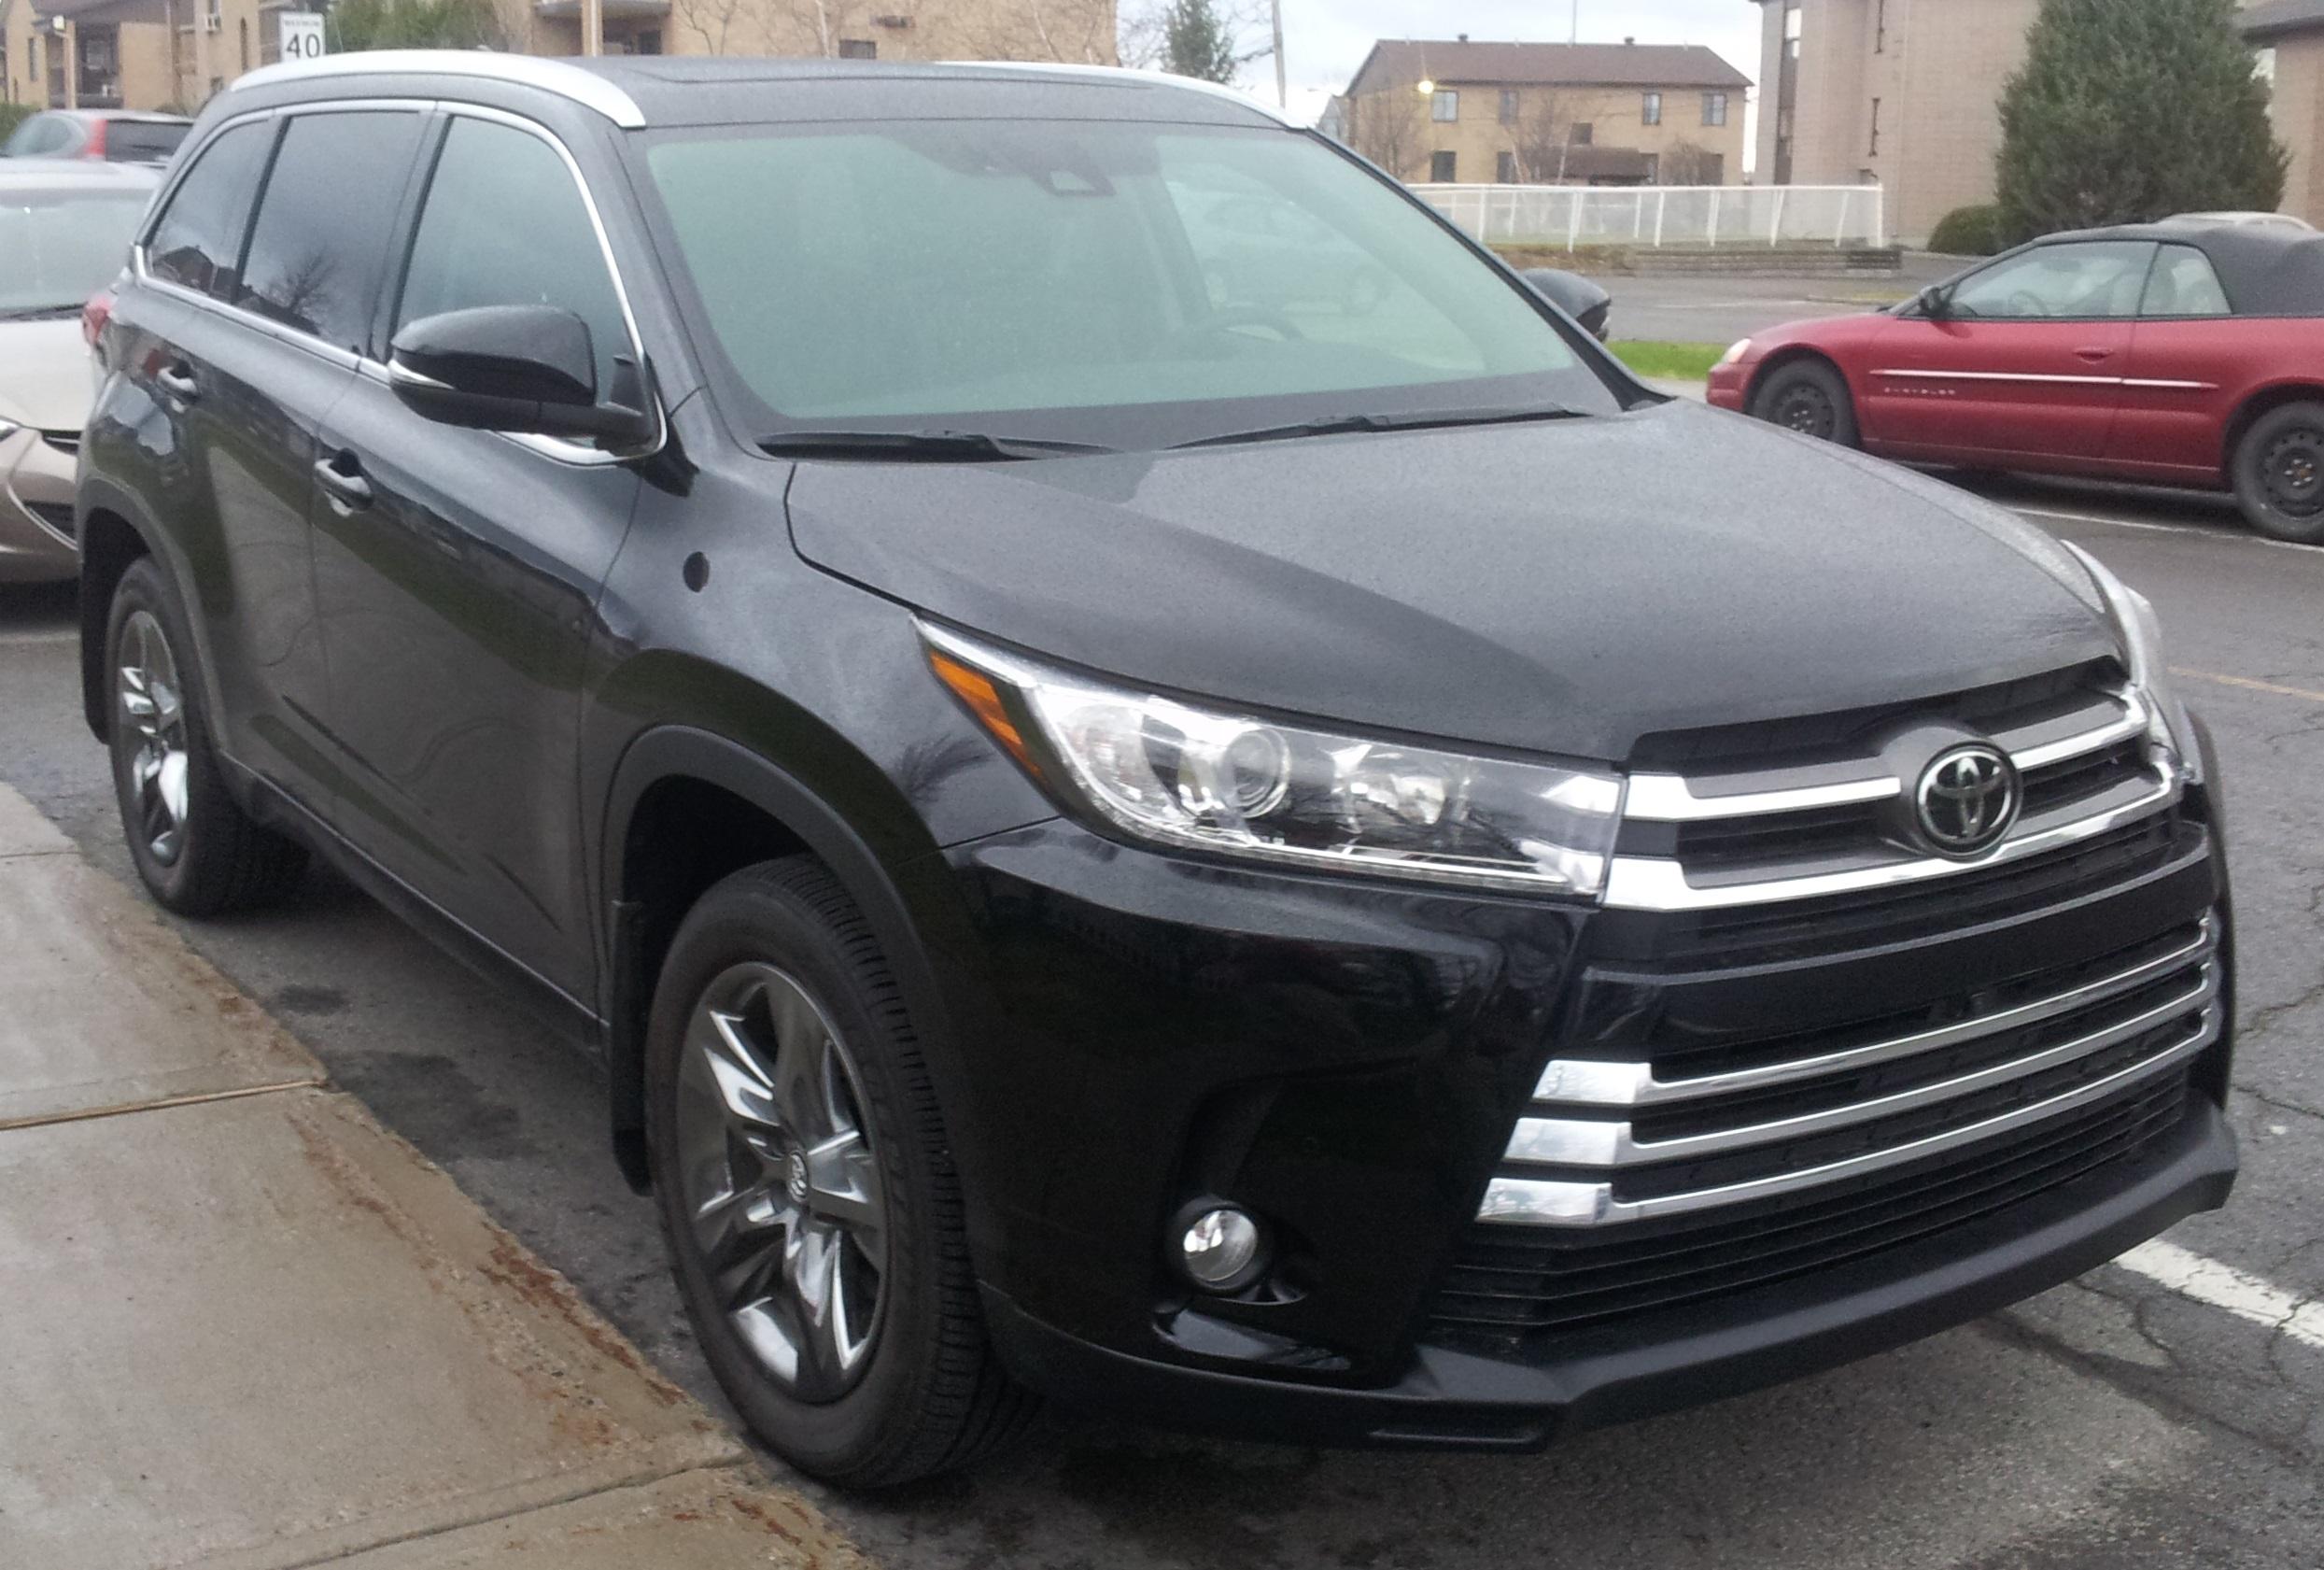 Неизвестный угнал Toyota Highlander у мужчины в Рузском округе